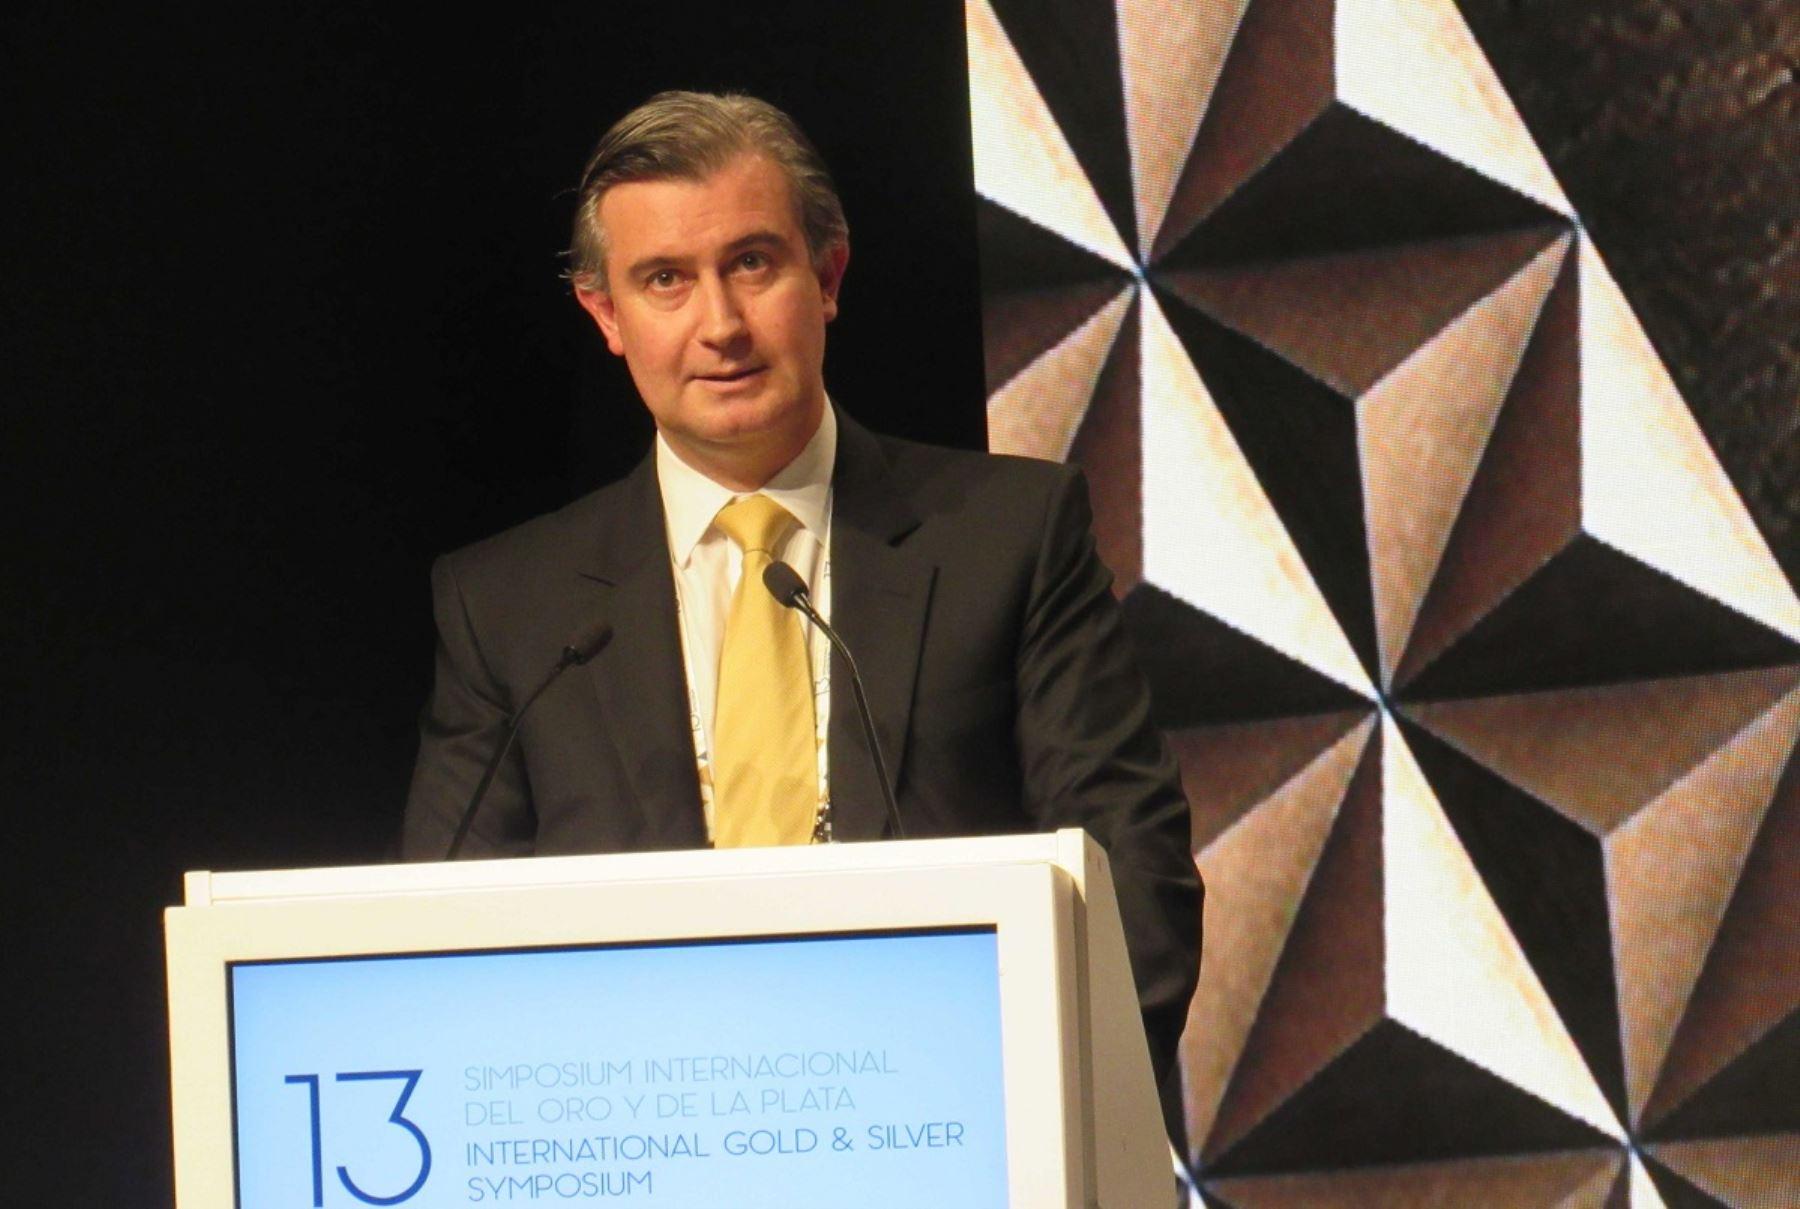 Presidente de la SNMPE, Manuel Fumagalli. Cortesía